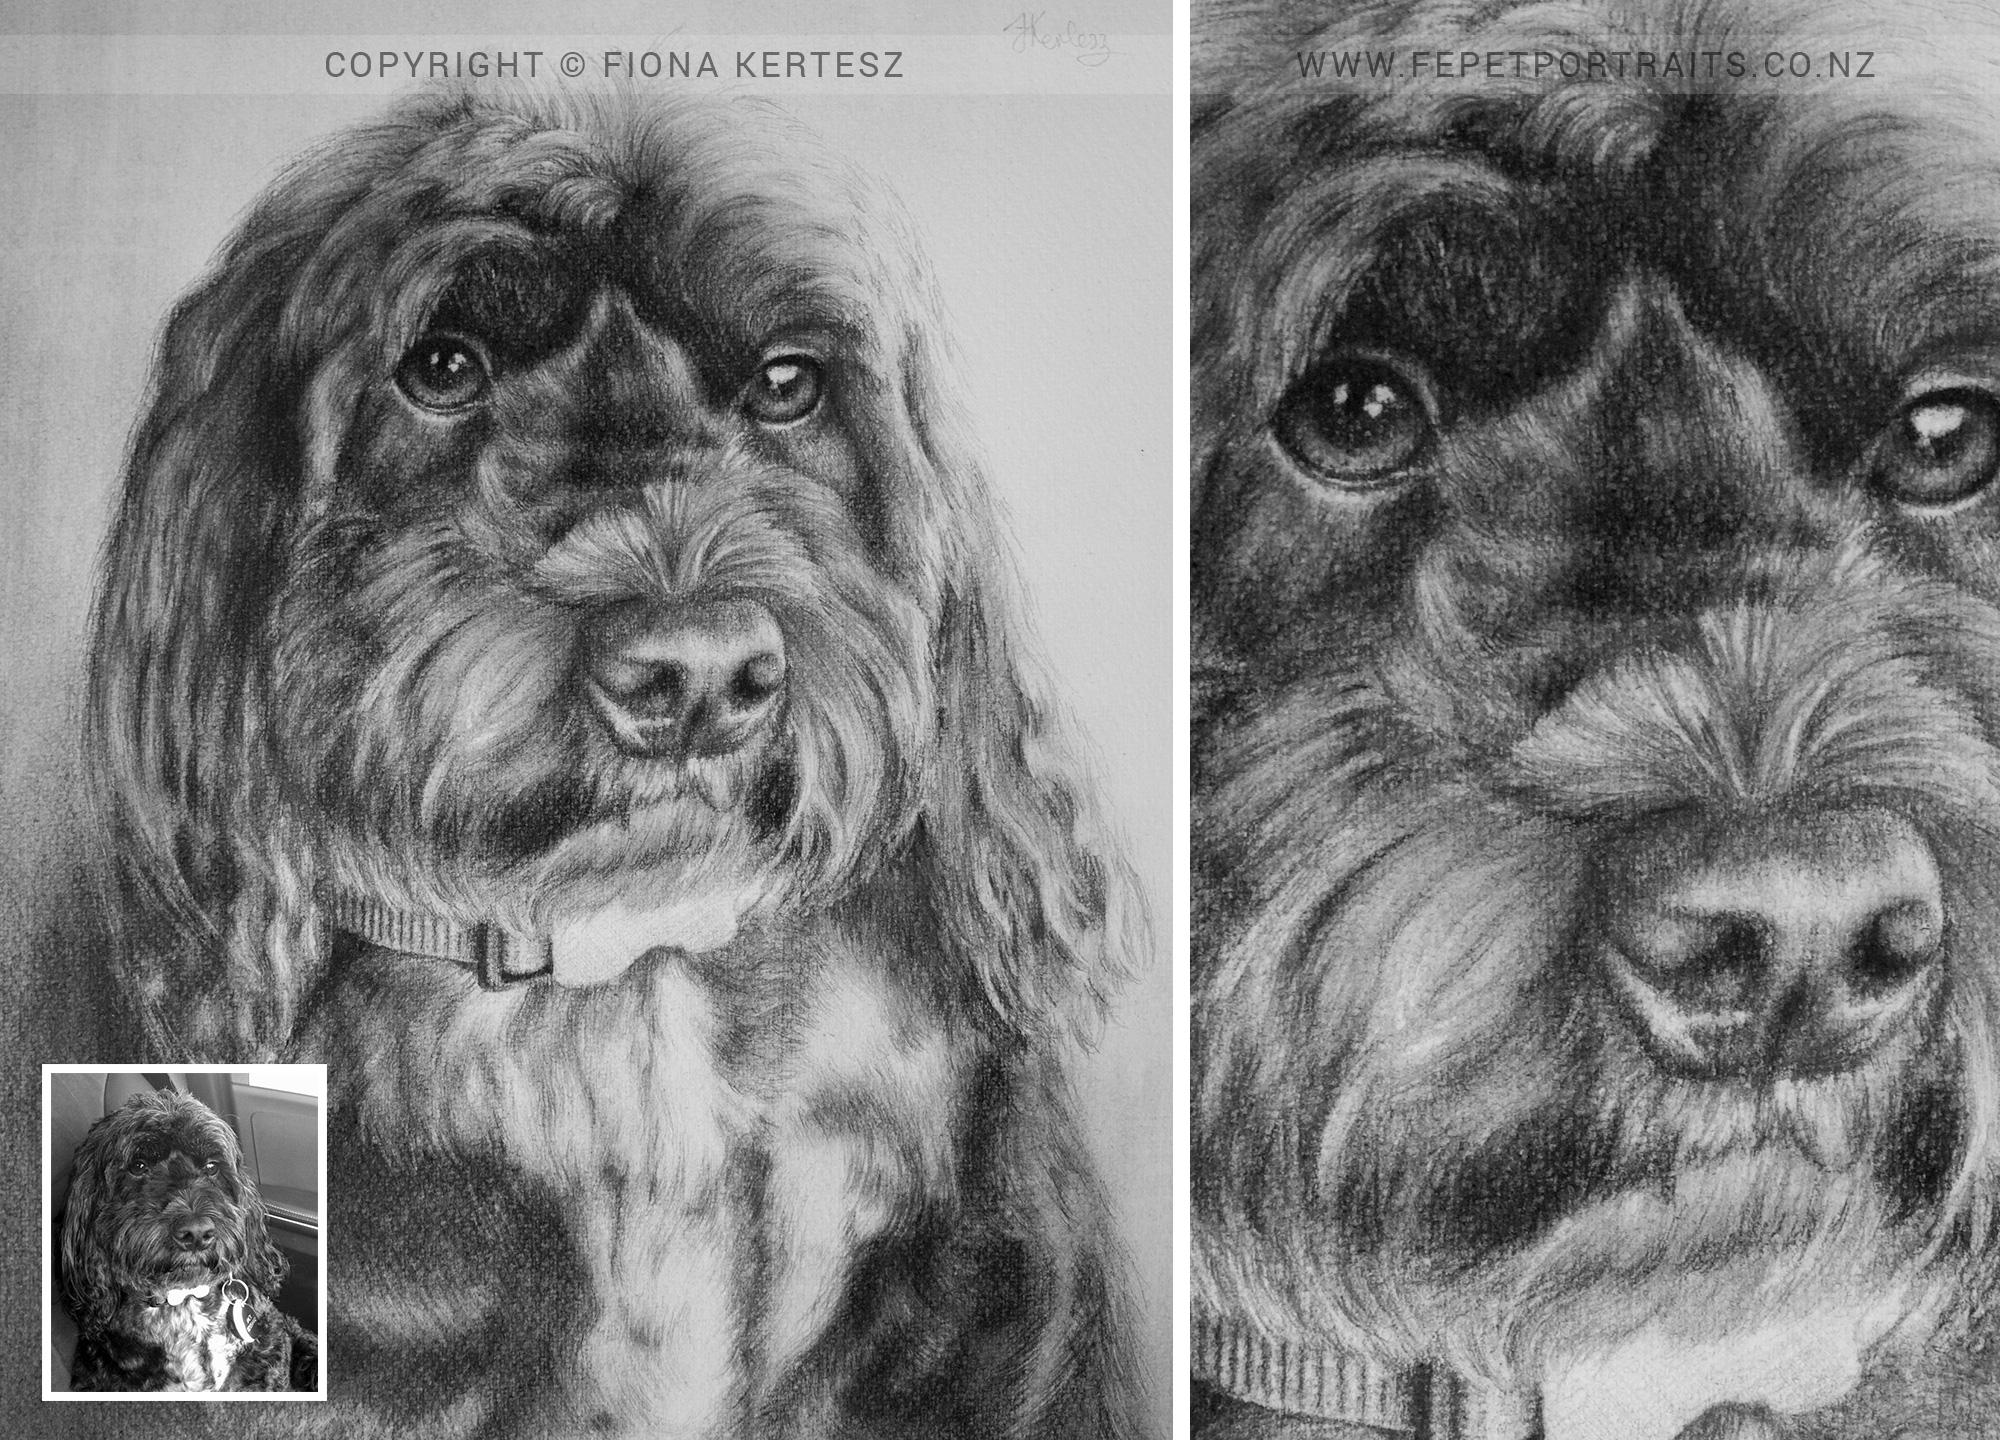 Jack, Pencil Portrait, 13 x 11 inch